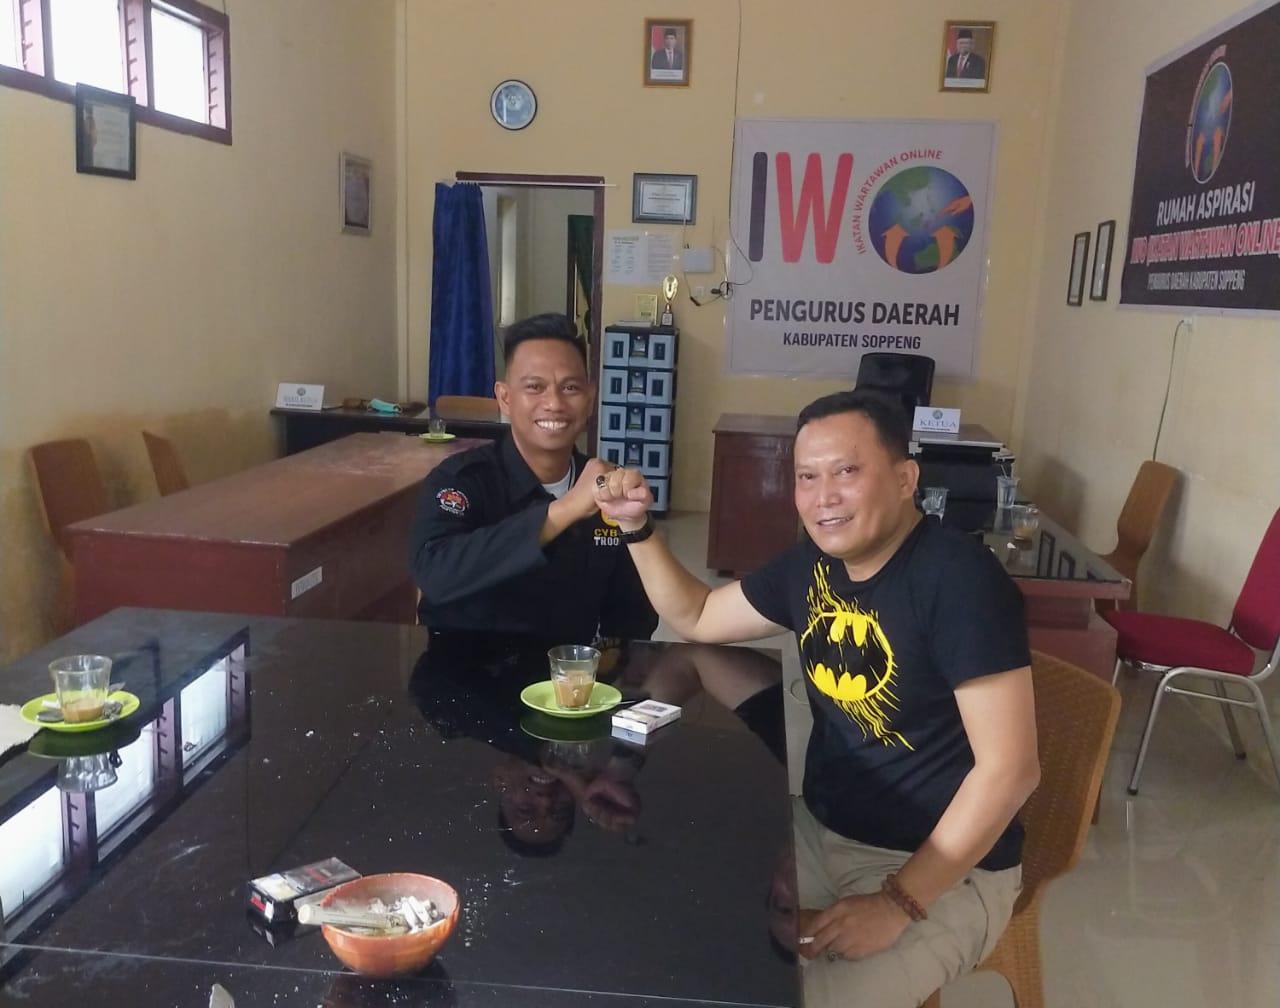 Ketua IWO Soppeng Menerima Kunjungan Silaturahmi Paur Humas Polres Soppeng